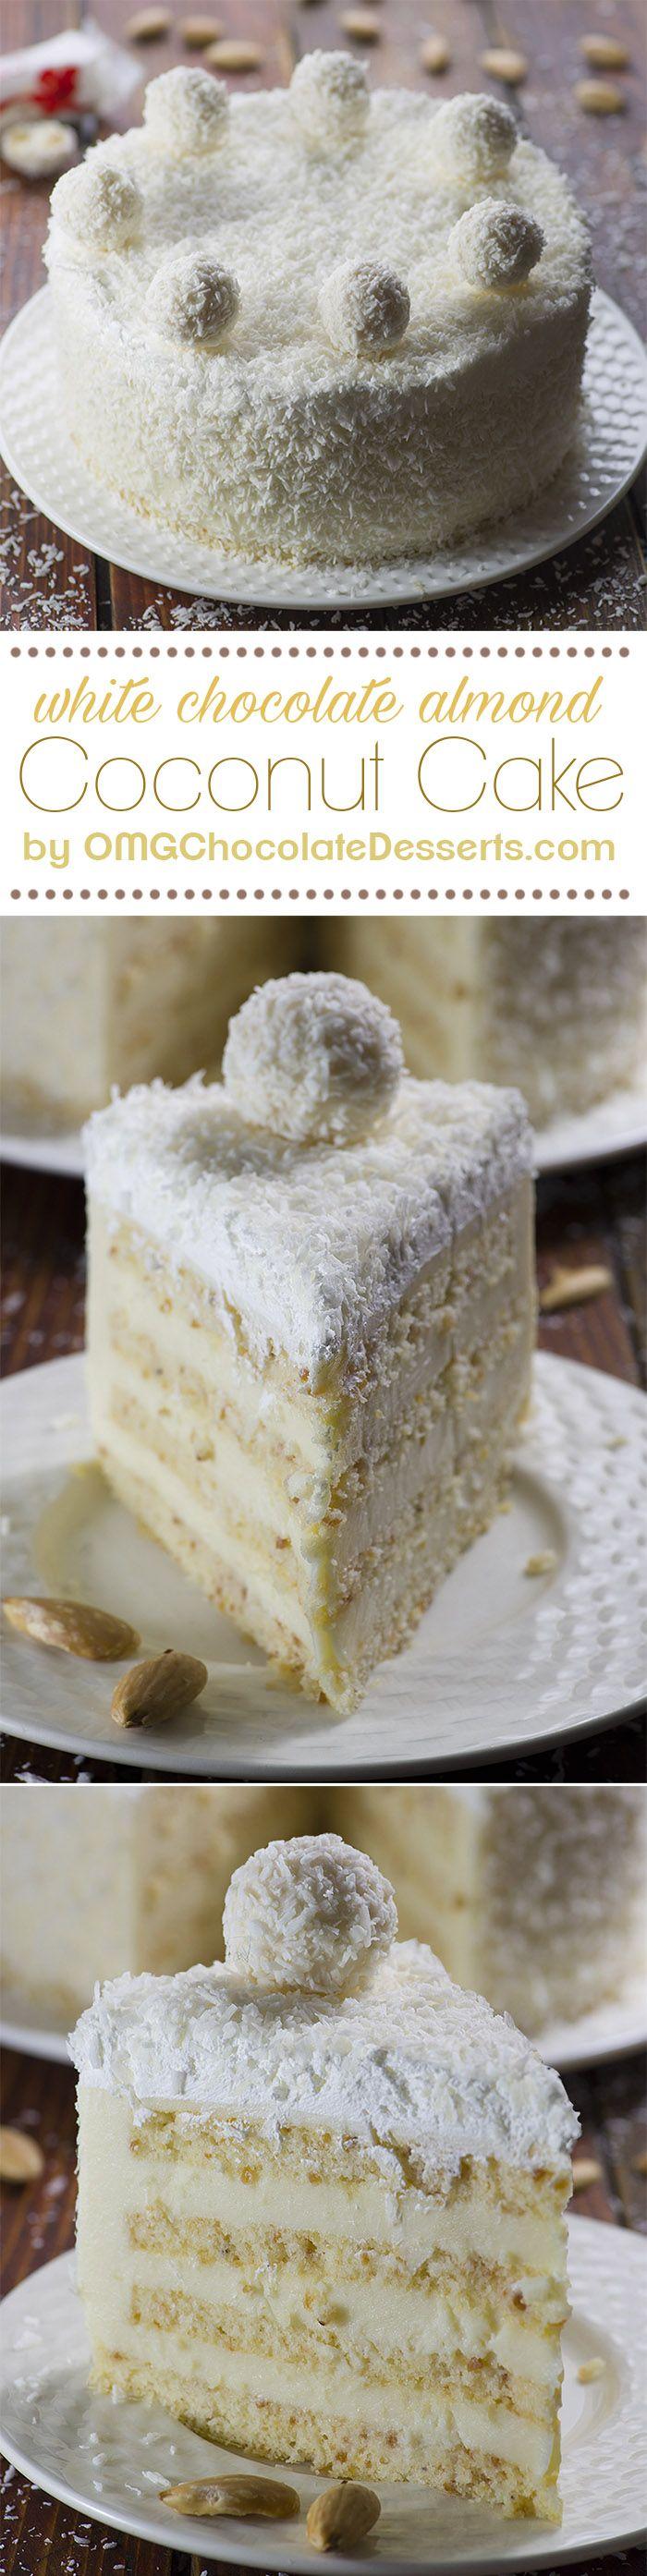 Almond Coconut Cake OMGChocolateDesserts.com